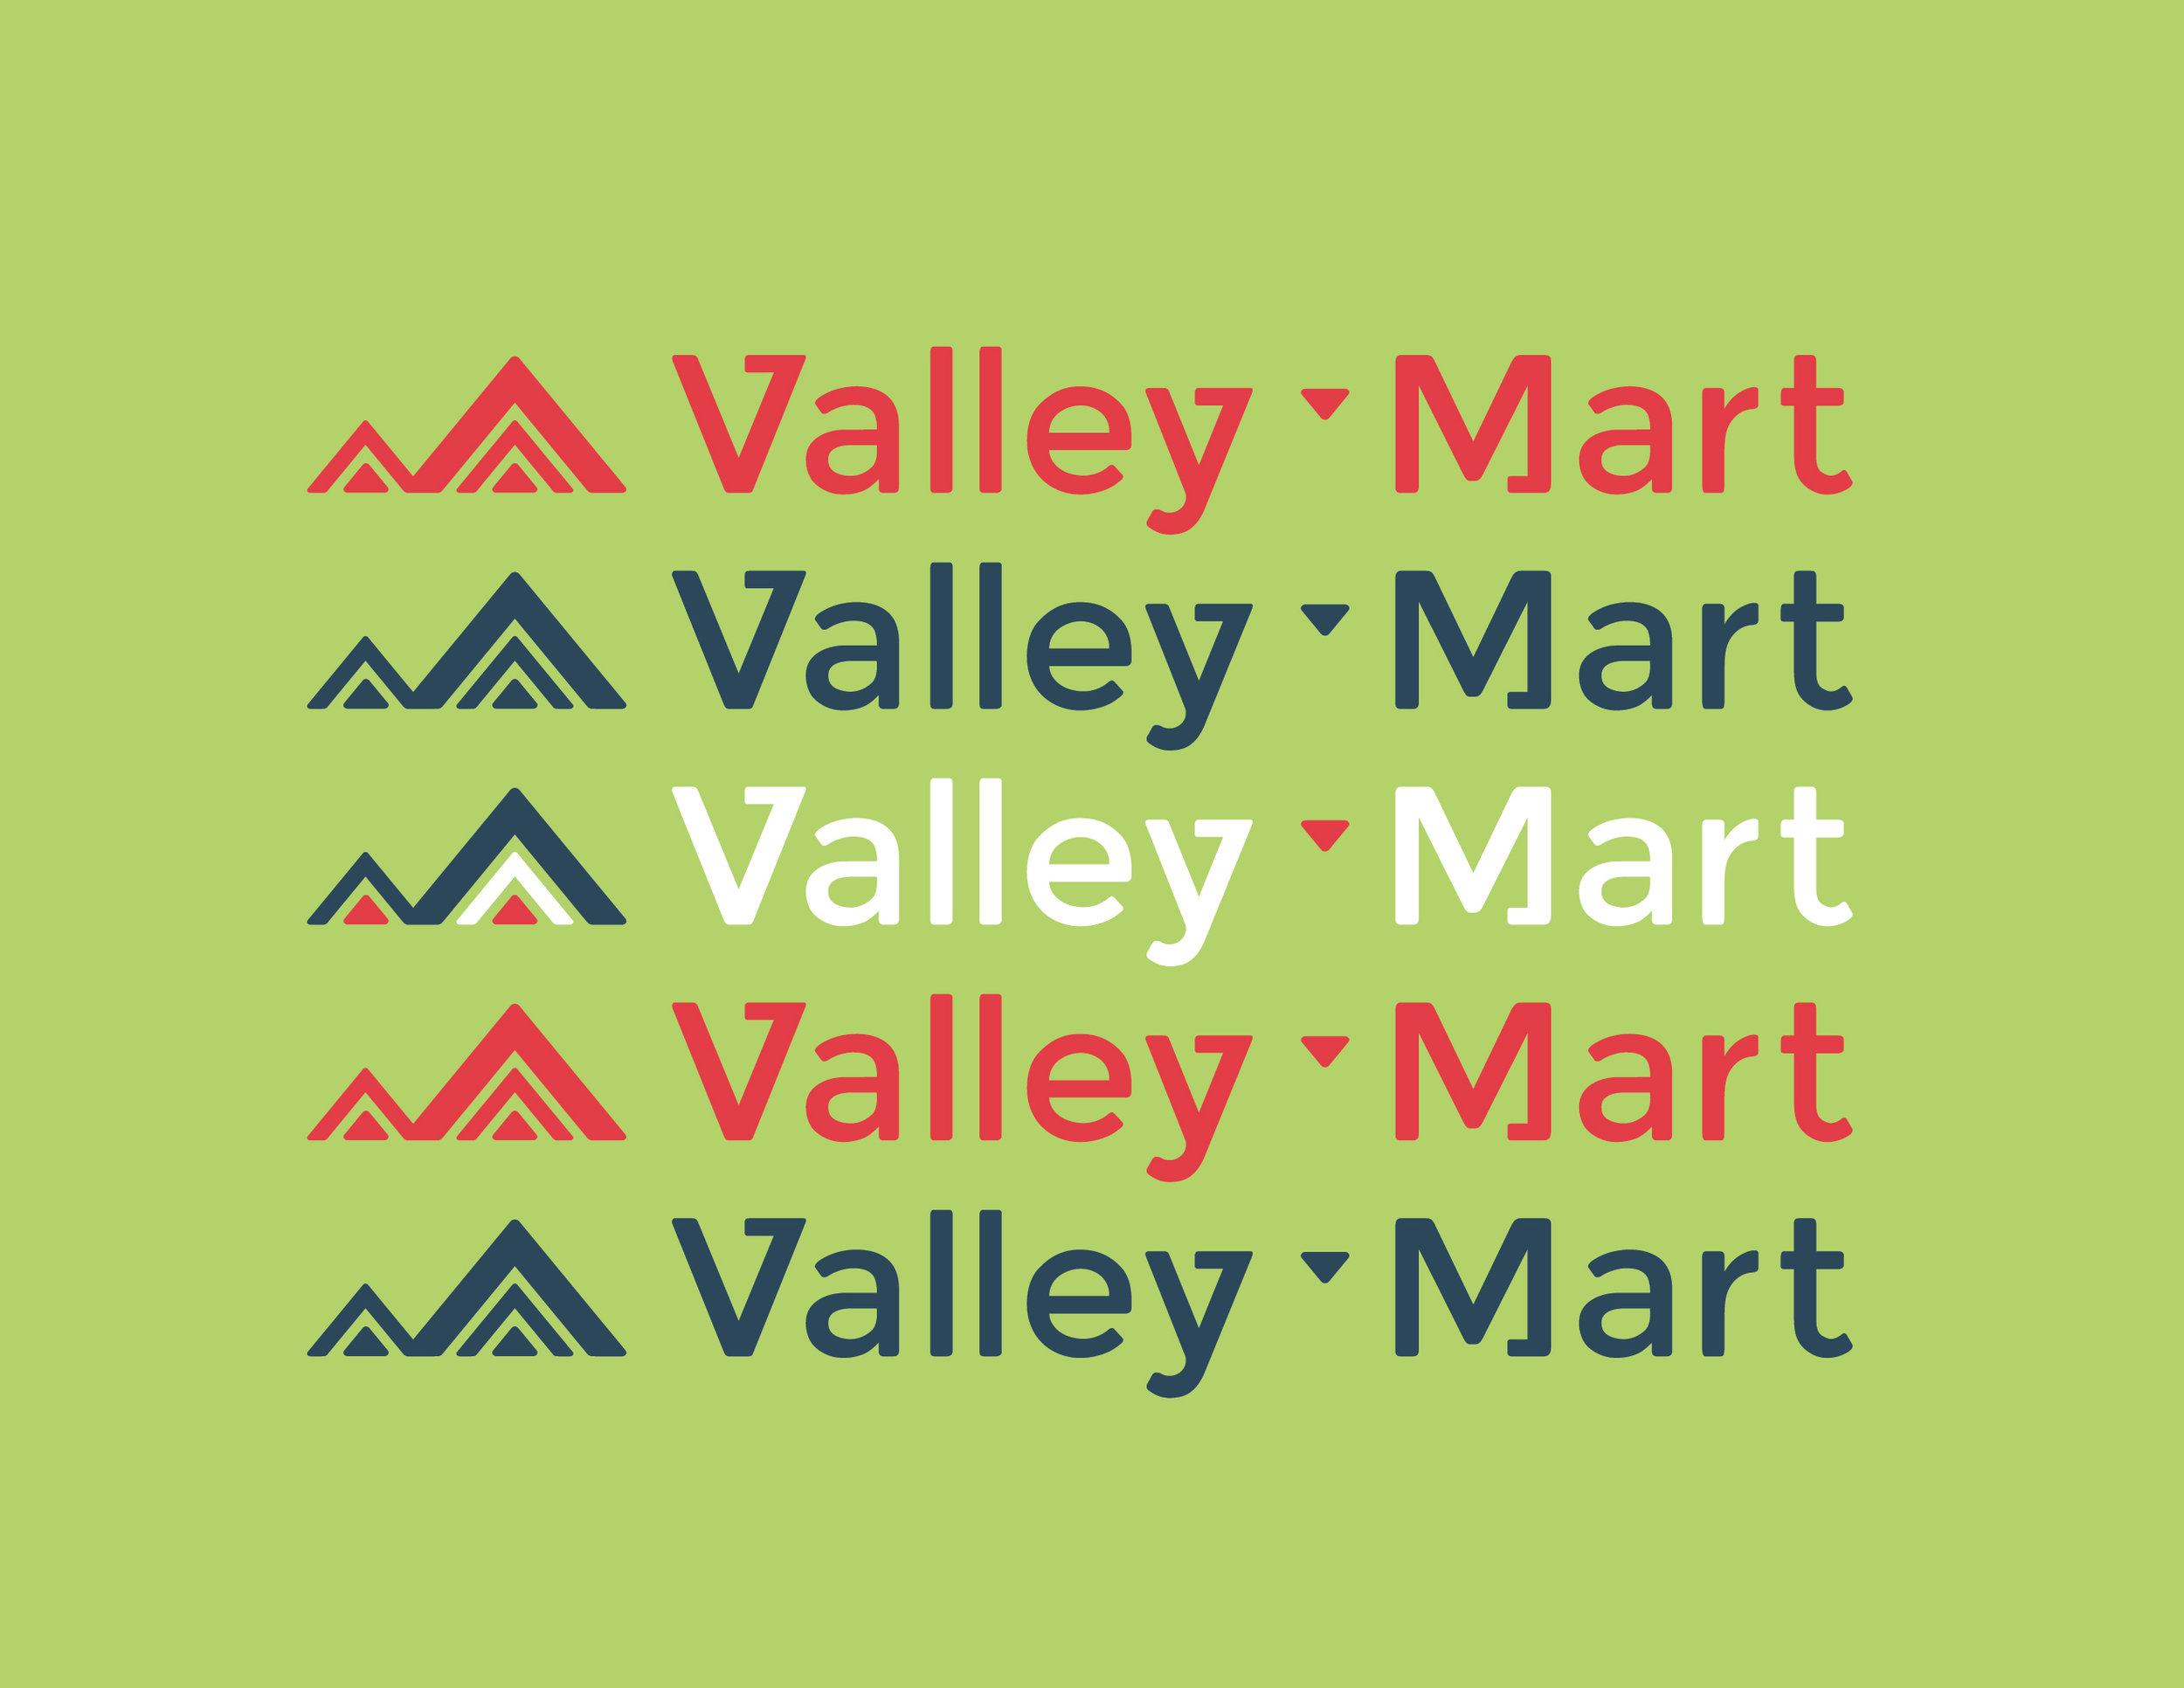 hendonmatt_ValleyMart_1.jpg